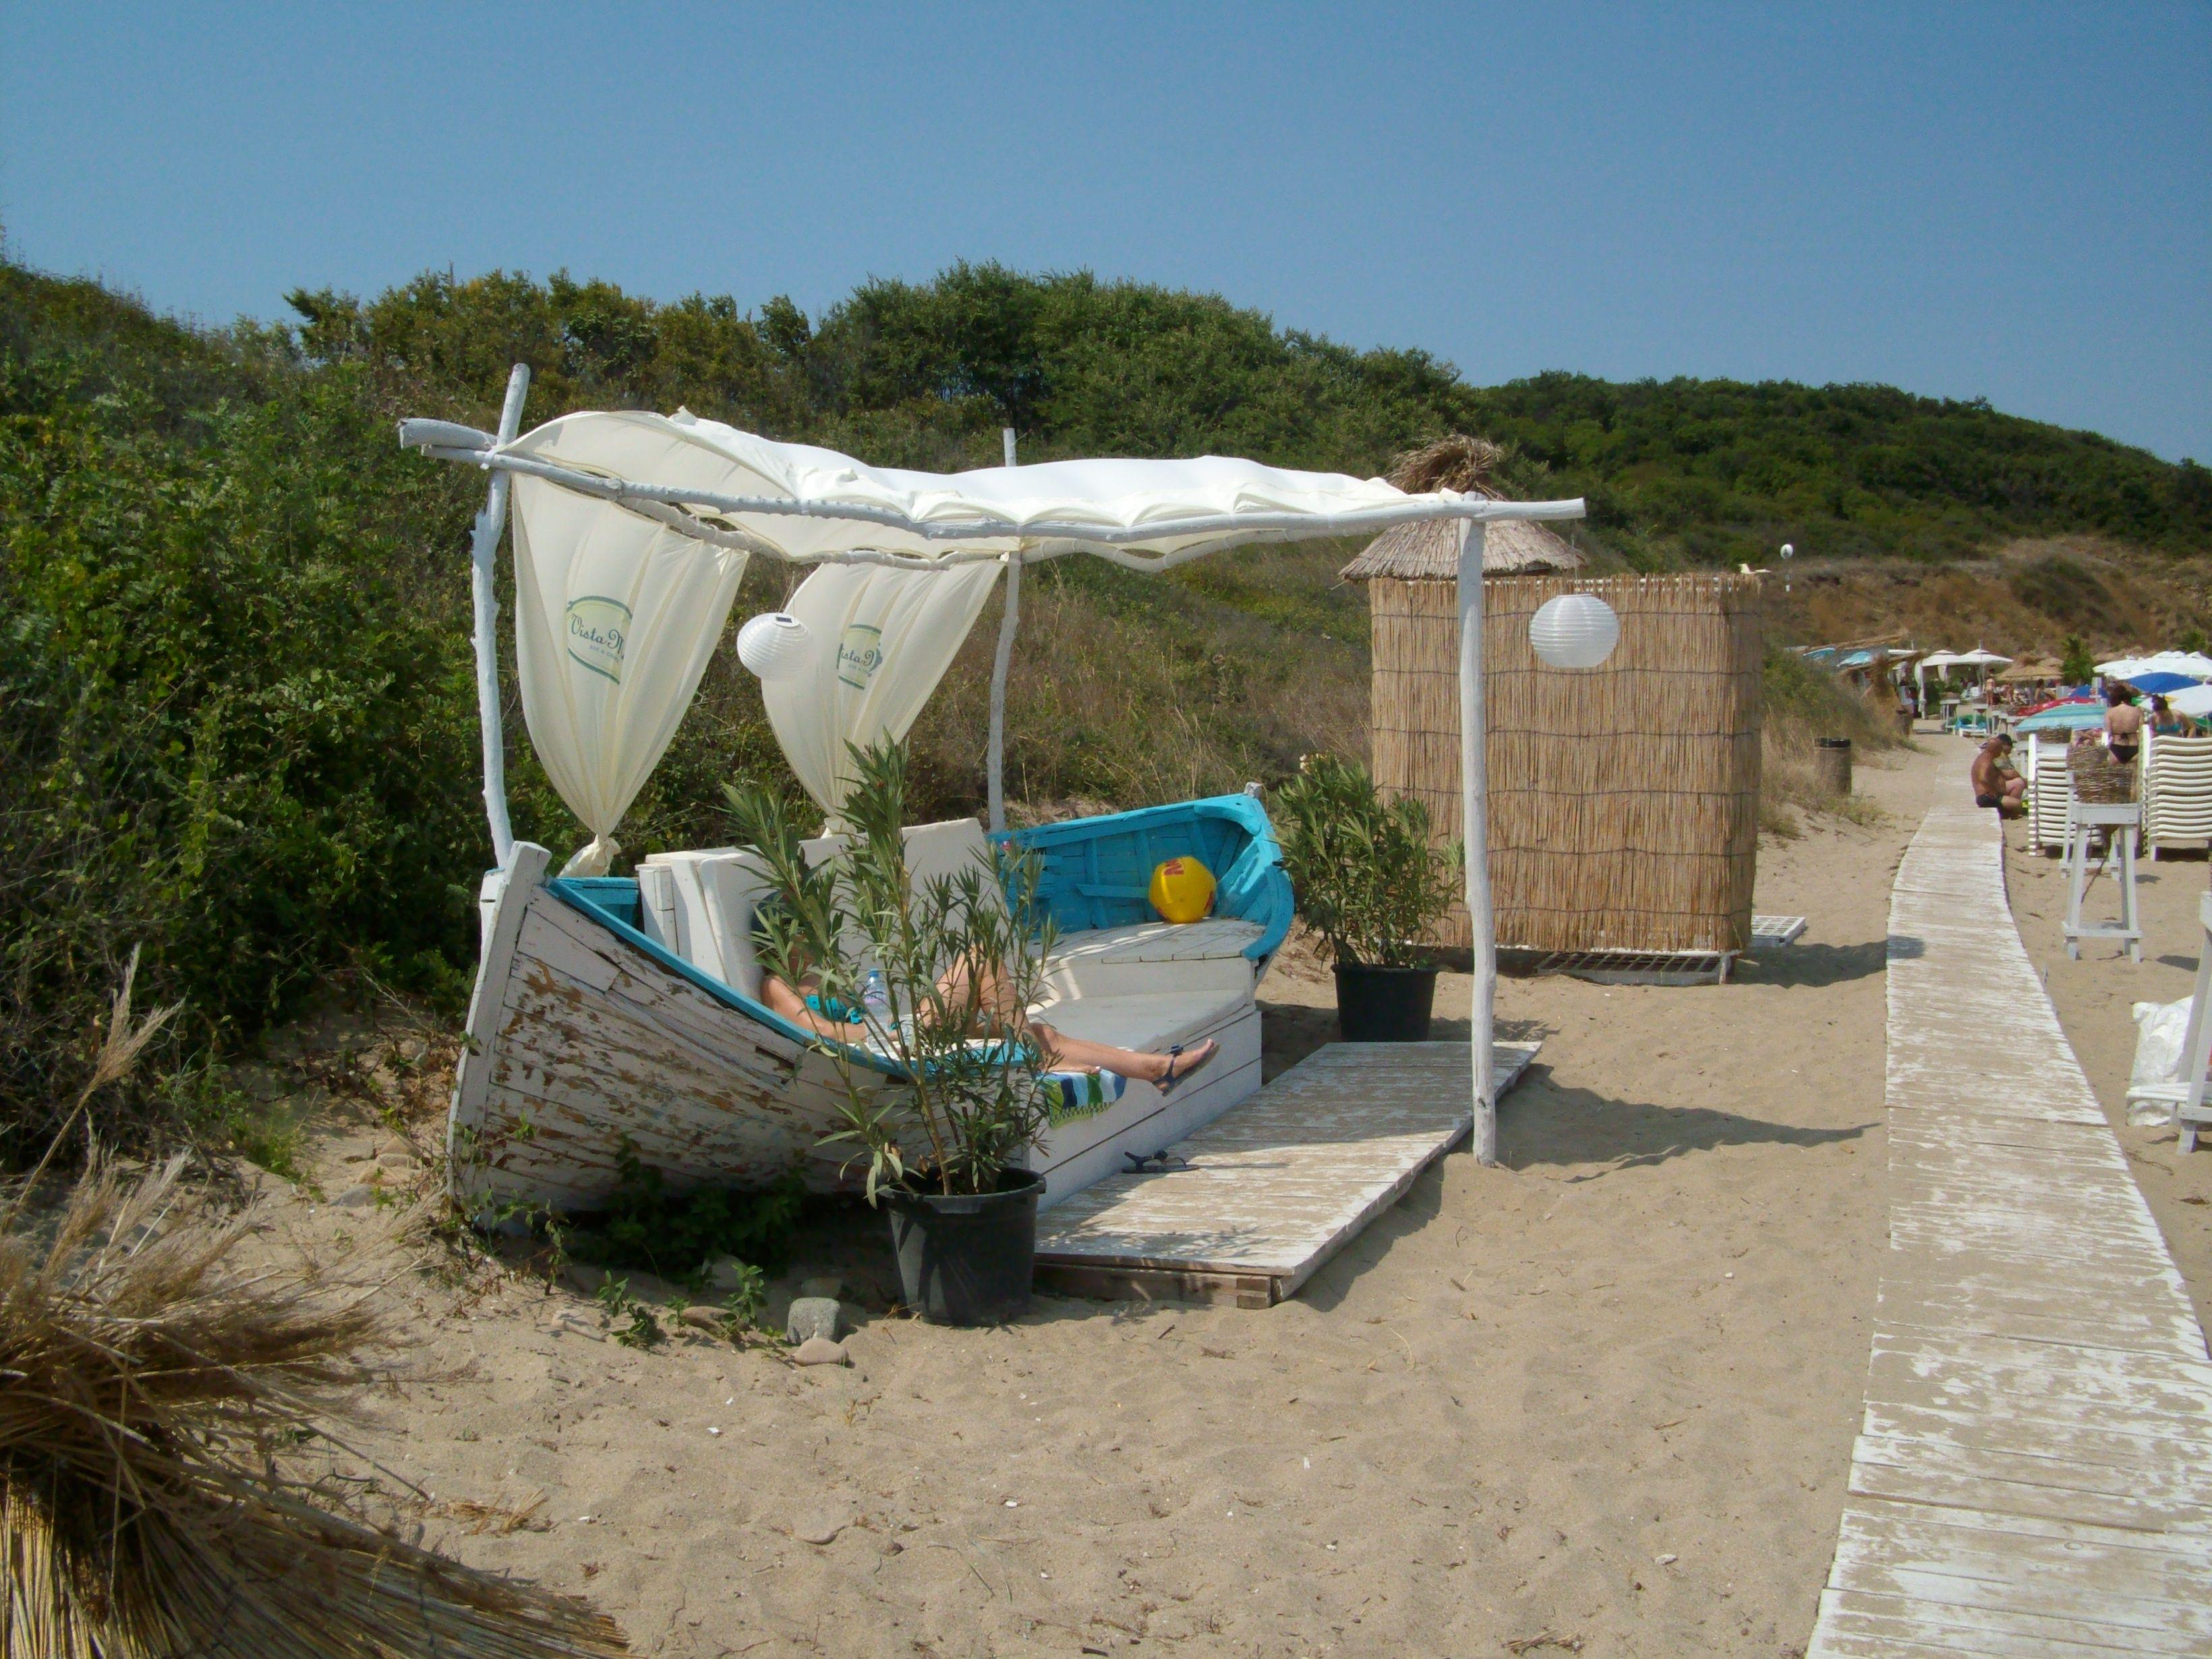 Pin Von Dinko Parashkevov Auf Boat Strandhausdekor Alte Boote Gartendekoration